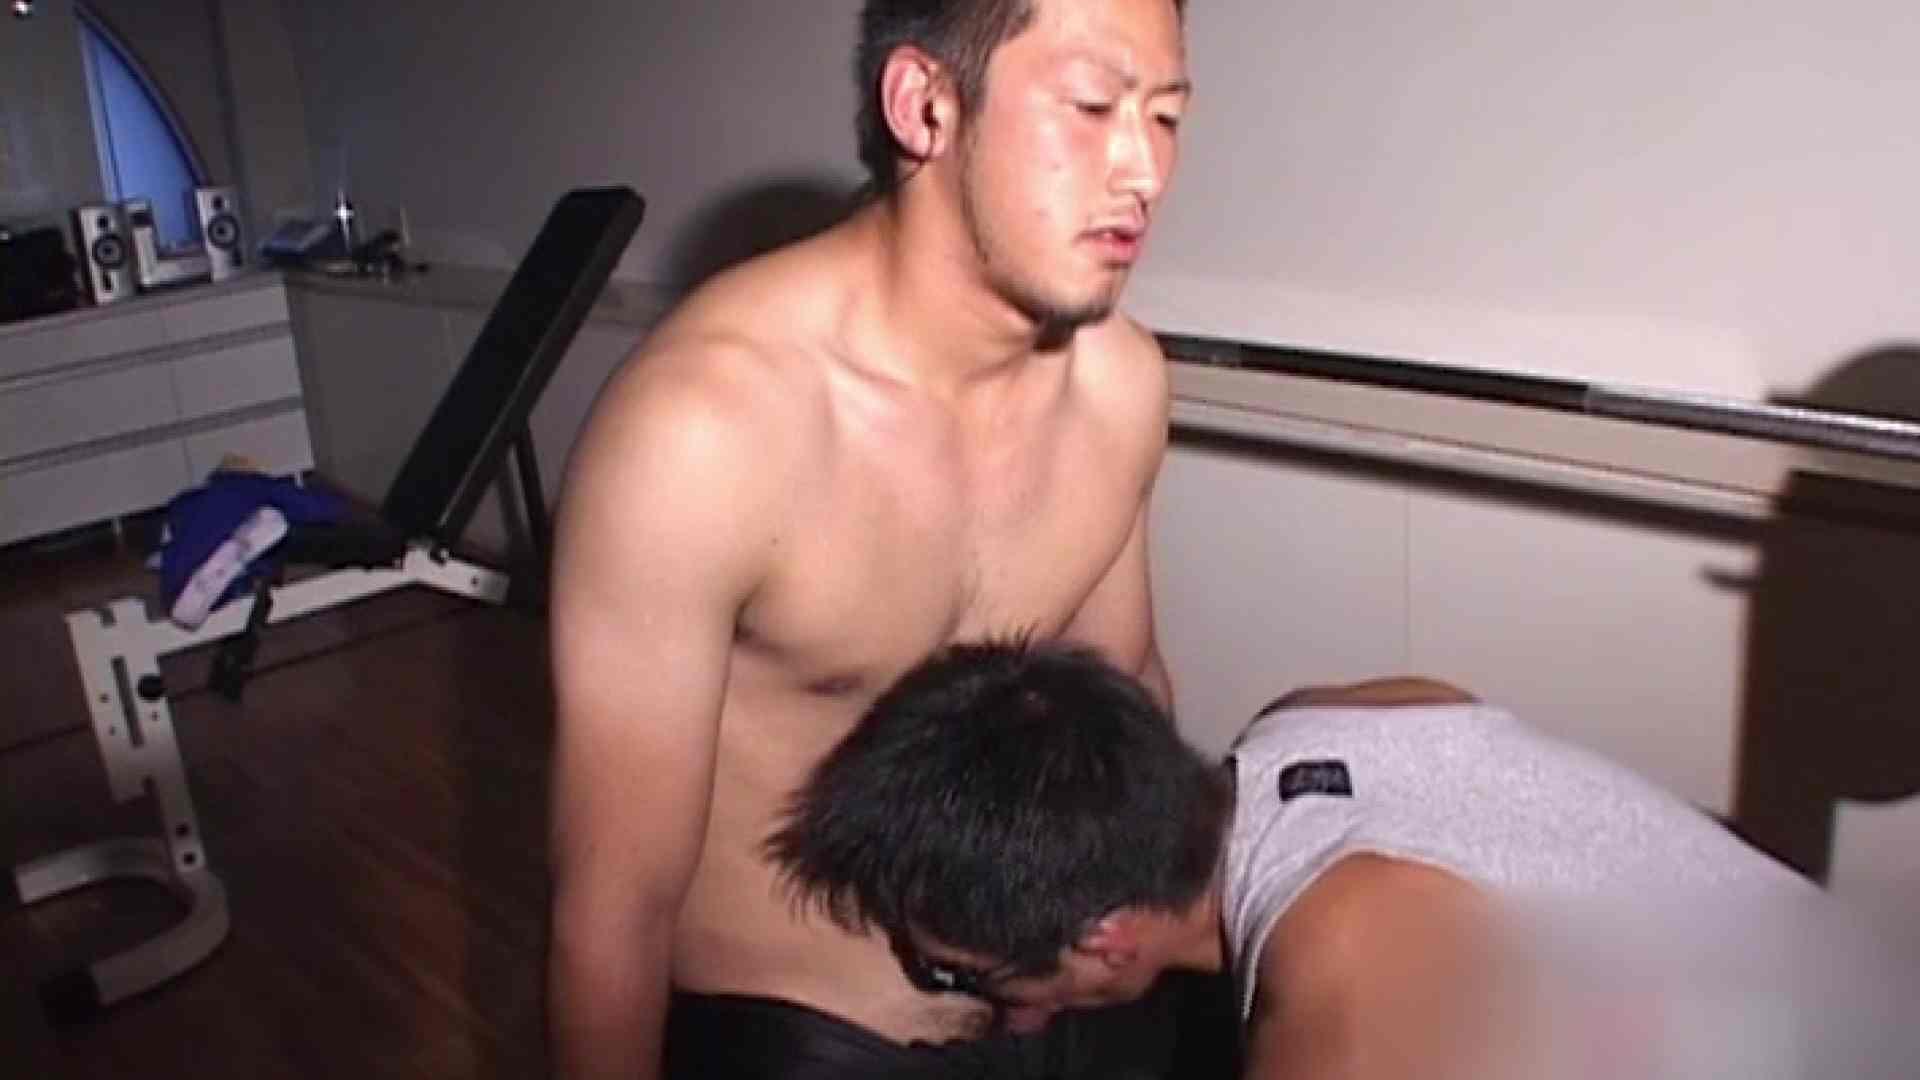 珍肉も筋肉の内!!vol.1 アナル特集 ゲイアダルト画像 86枚 51